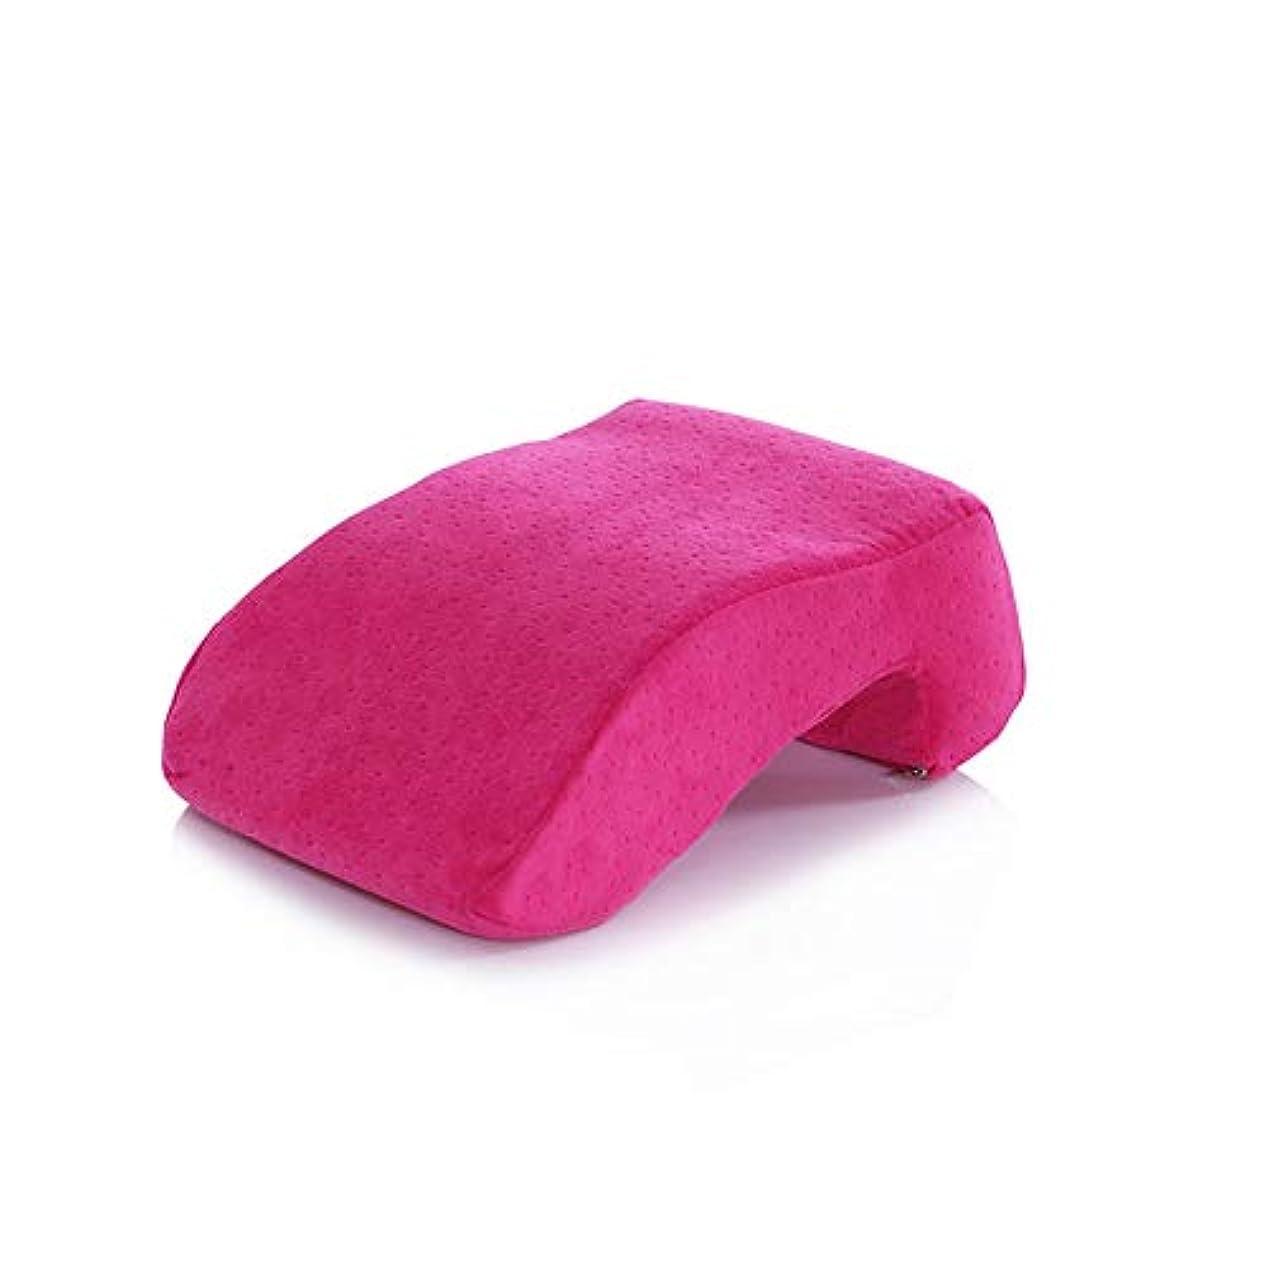 不運ローラー逆さまに取り外し可能なキルティングカバーが付いているサポート枕オフィスの休息の枕学生の昼休みの枕